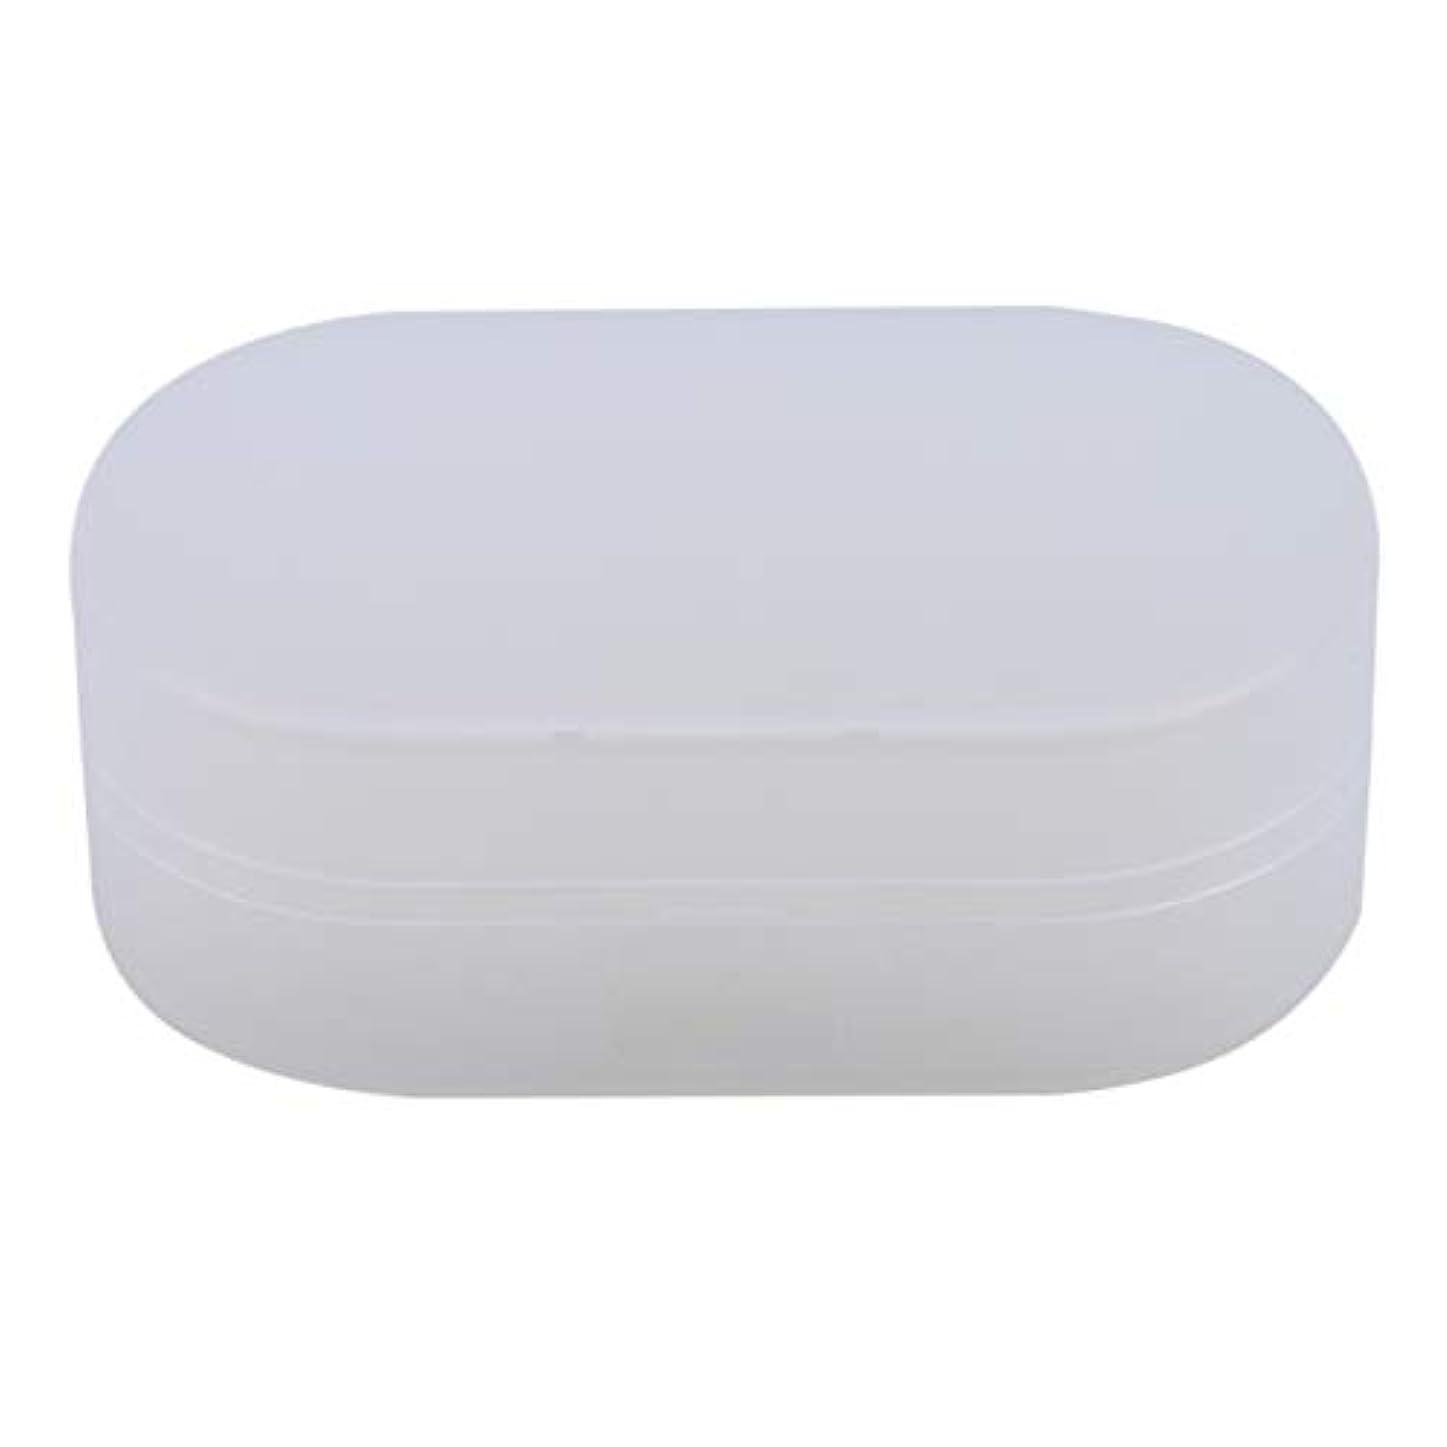 財産引き出すデコラティブZALINGソープボックスホルダーソープディッシュソープセーバーケースコンテナ用バスルームキャンプホワイト